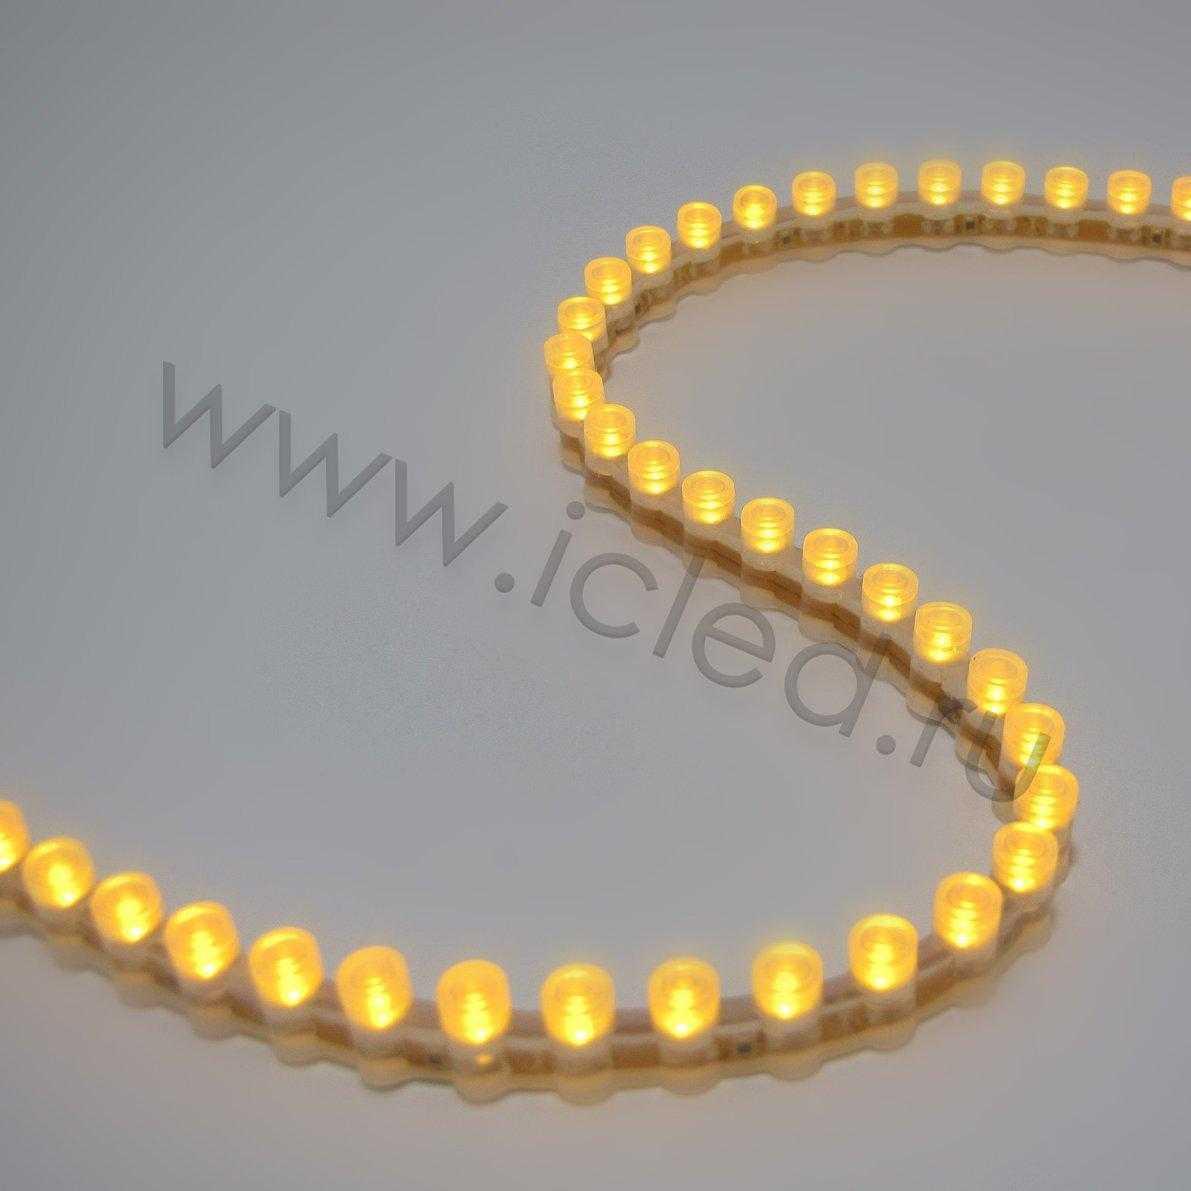 Светодиодная лента PVC Class B, 96led/m, Yellow, 12V, IP65